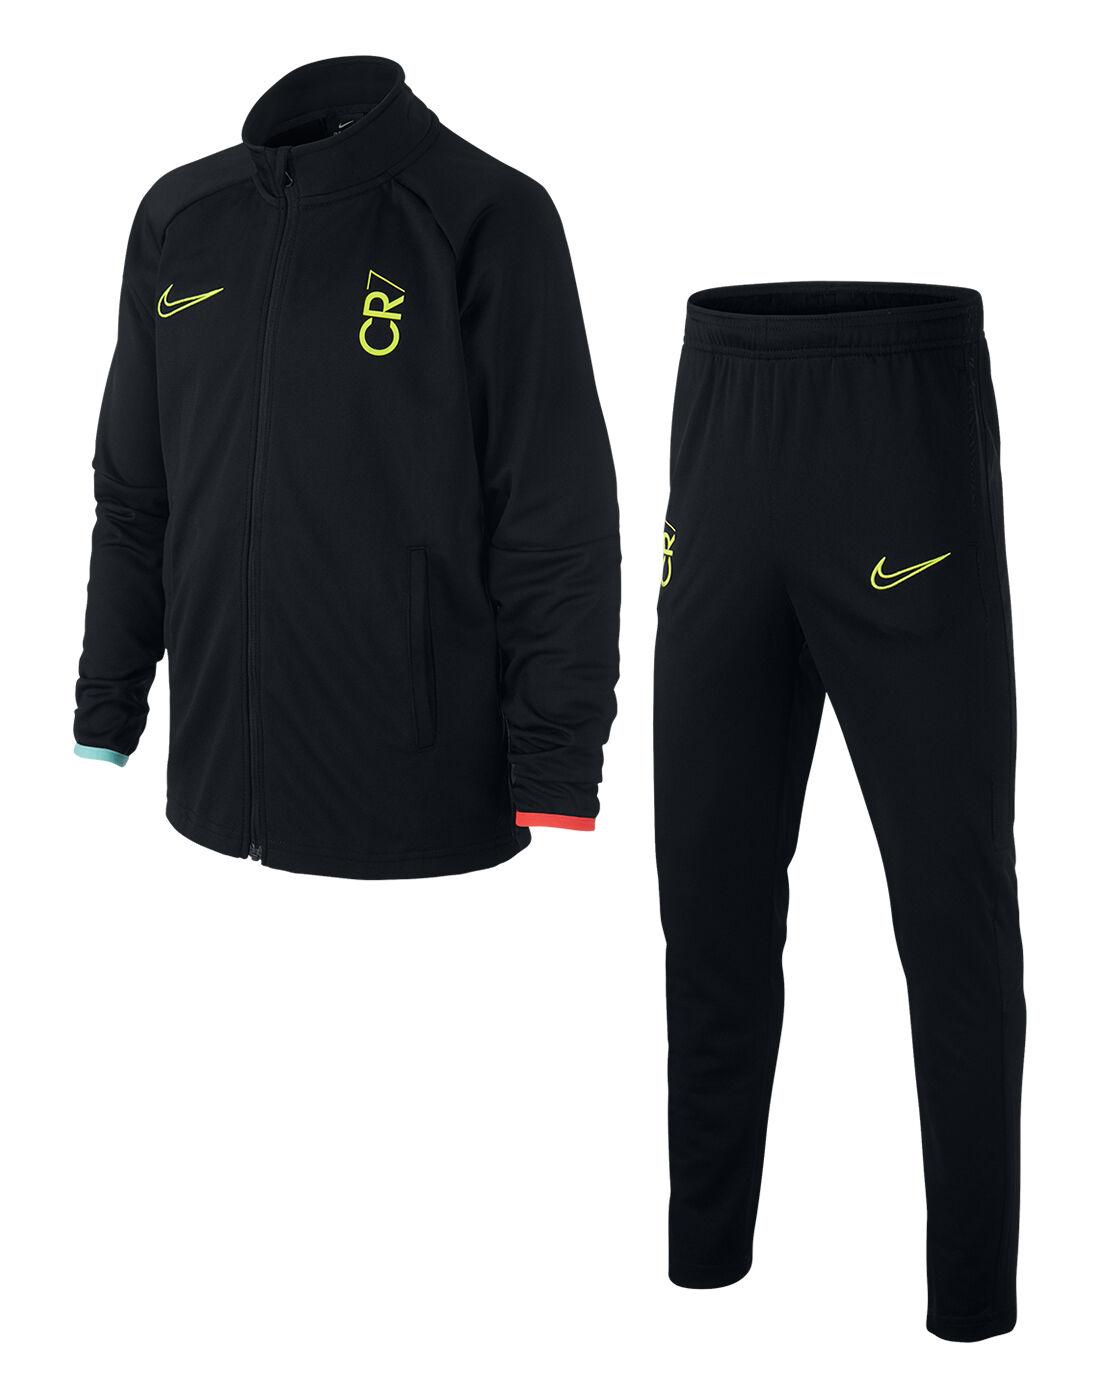 Nike Older Kids CR7 Tracksuit - Black